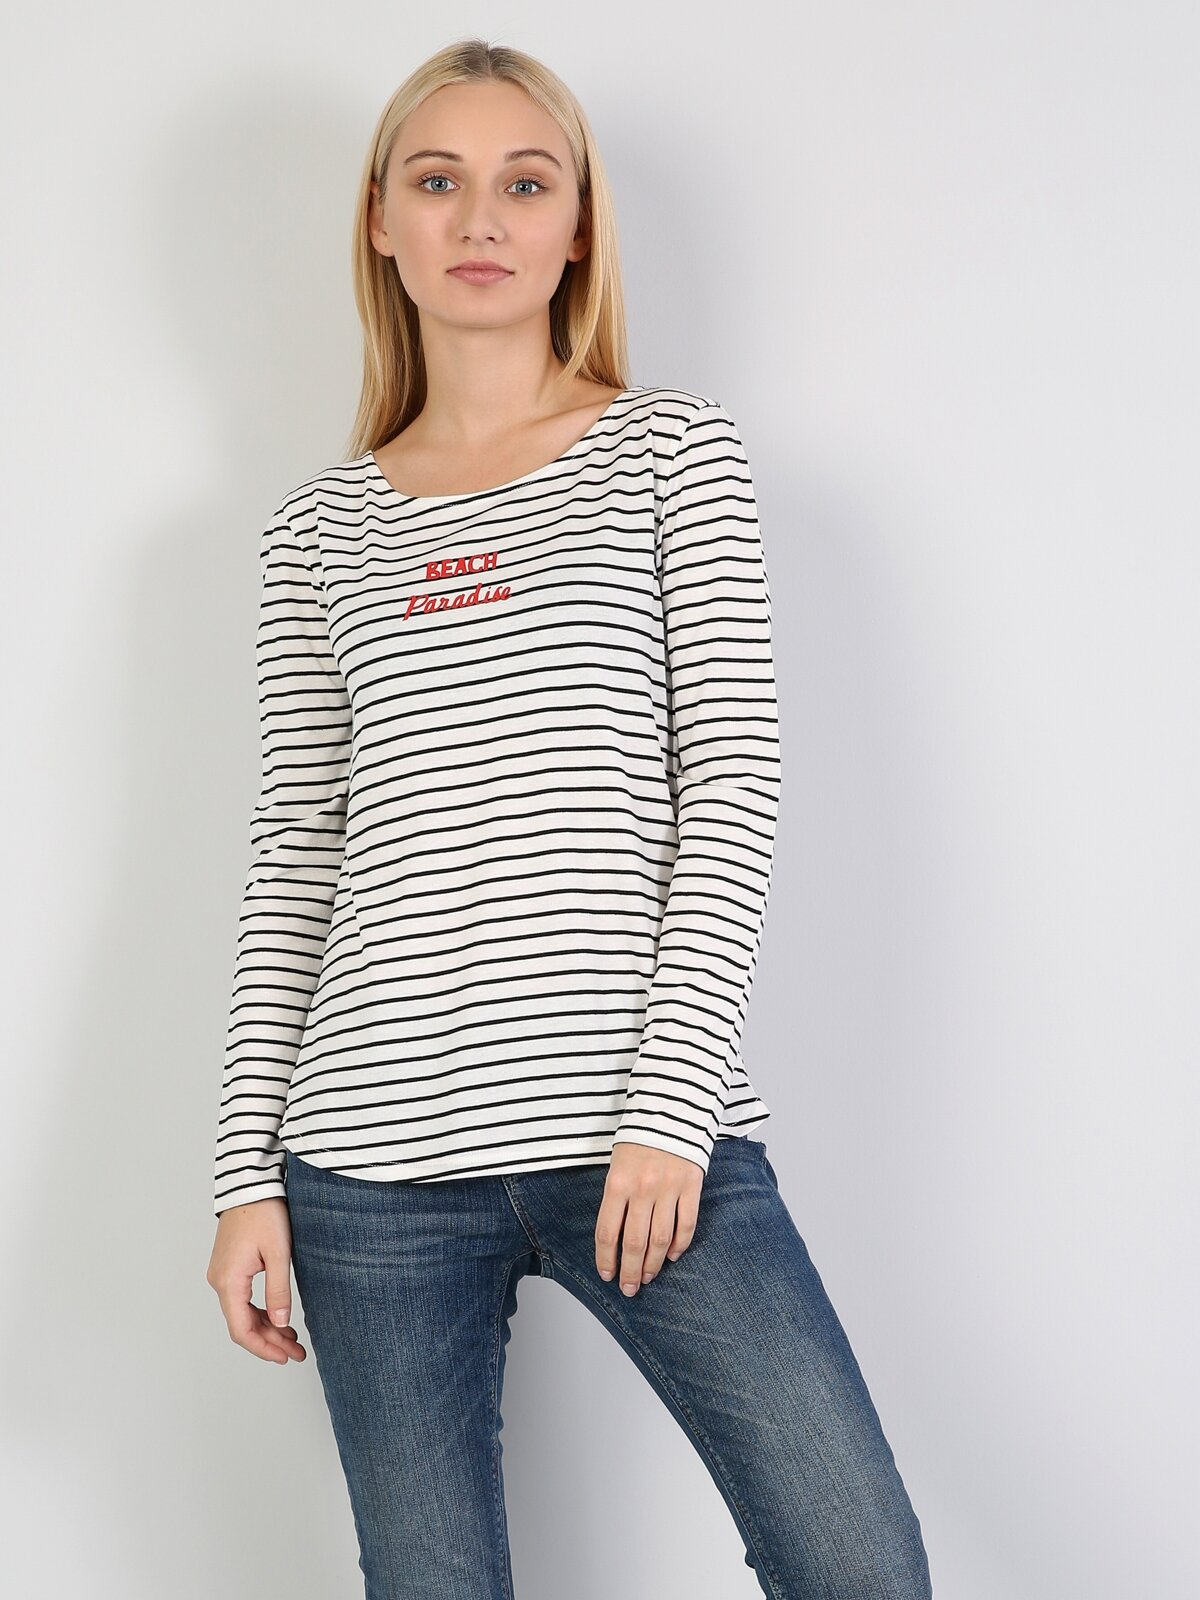 Kadın Uzun Kol Tişört